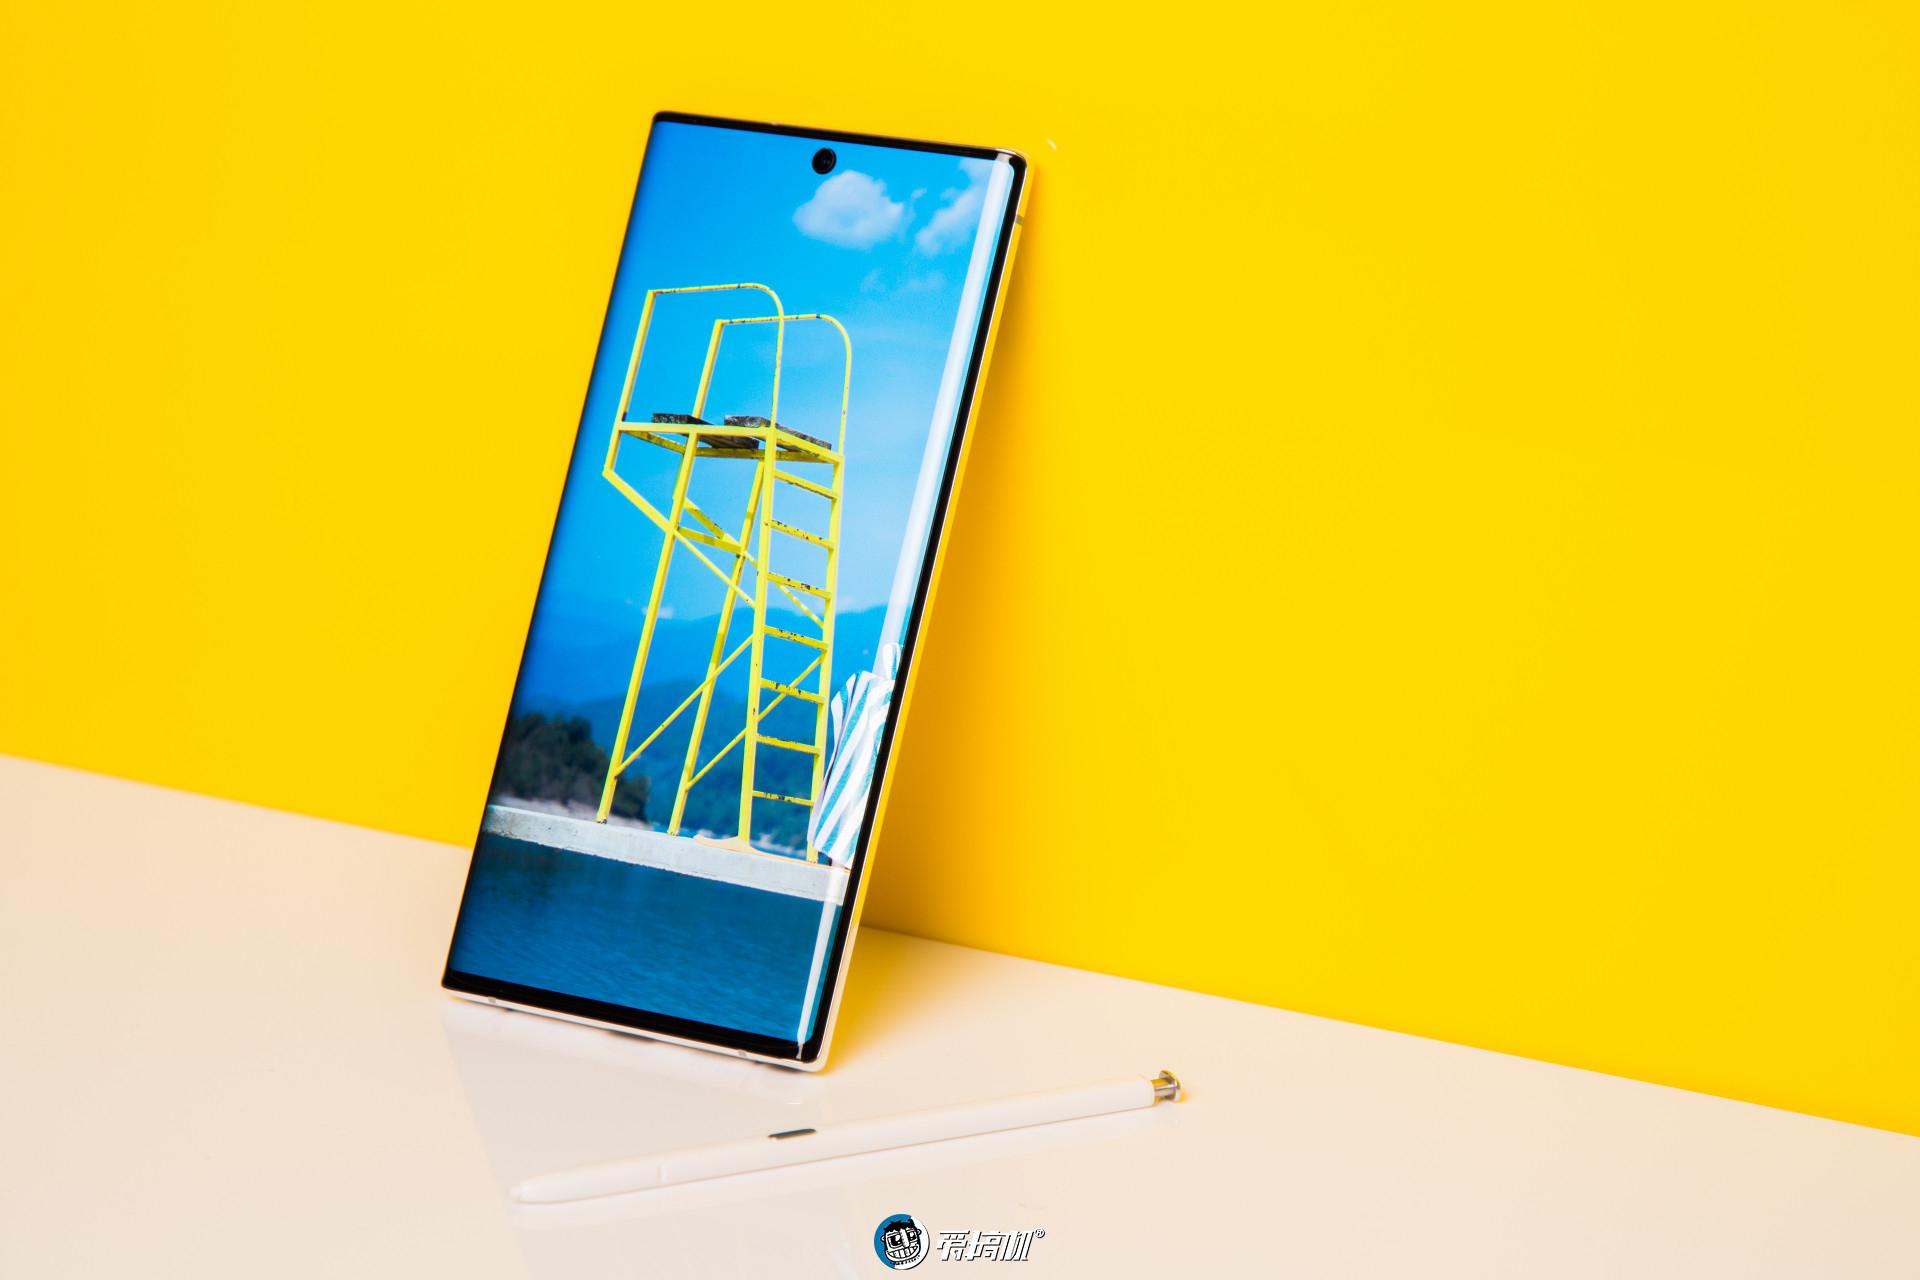 三星新系統暗示GalaxyS11配120Hz屏幕,高刷新率已成旗艦標配?